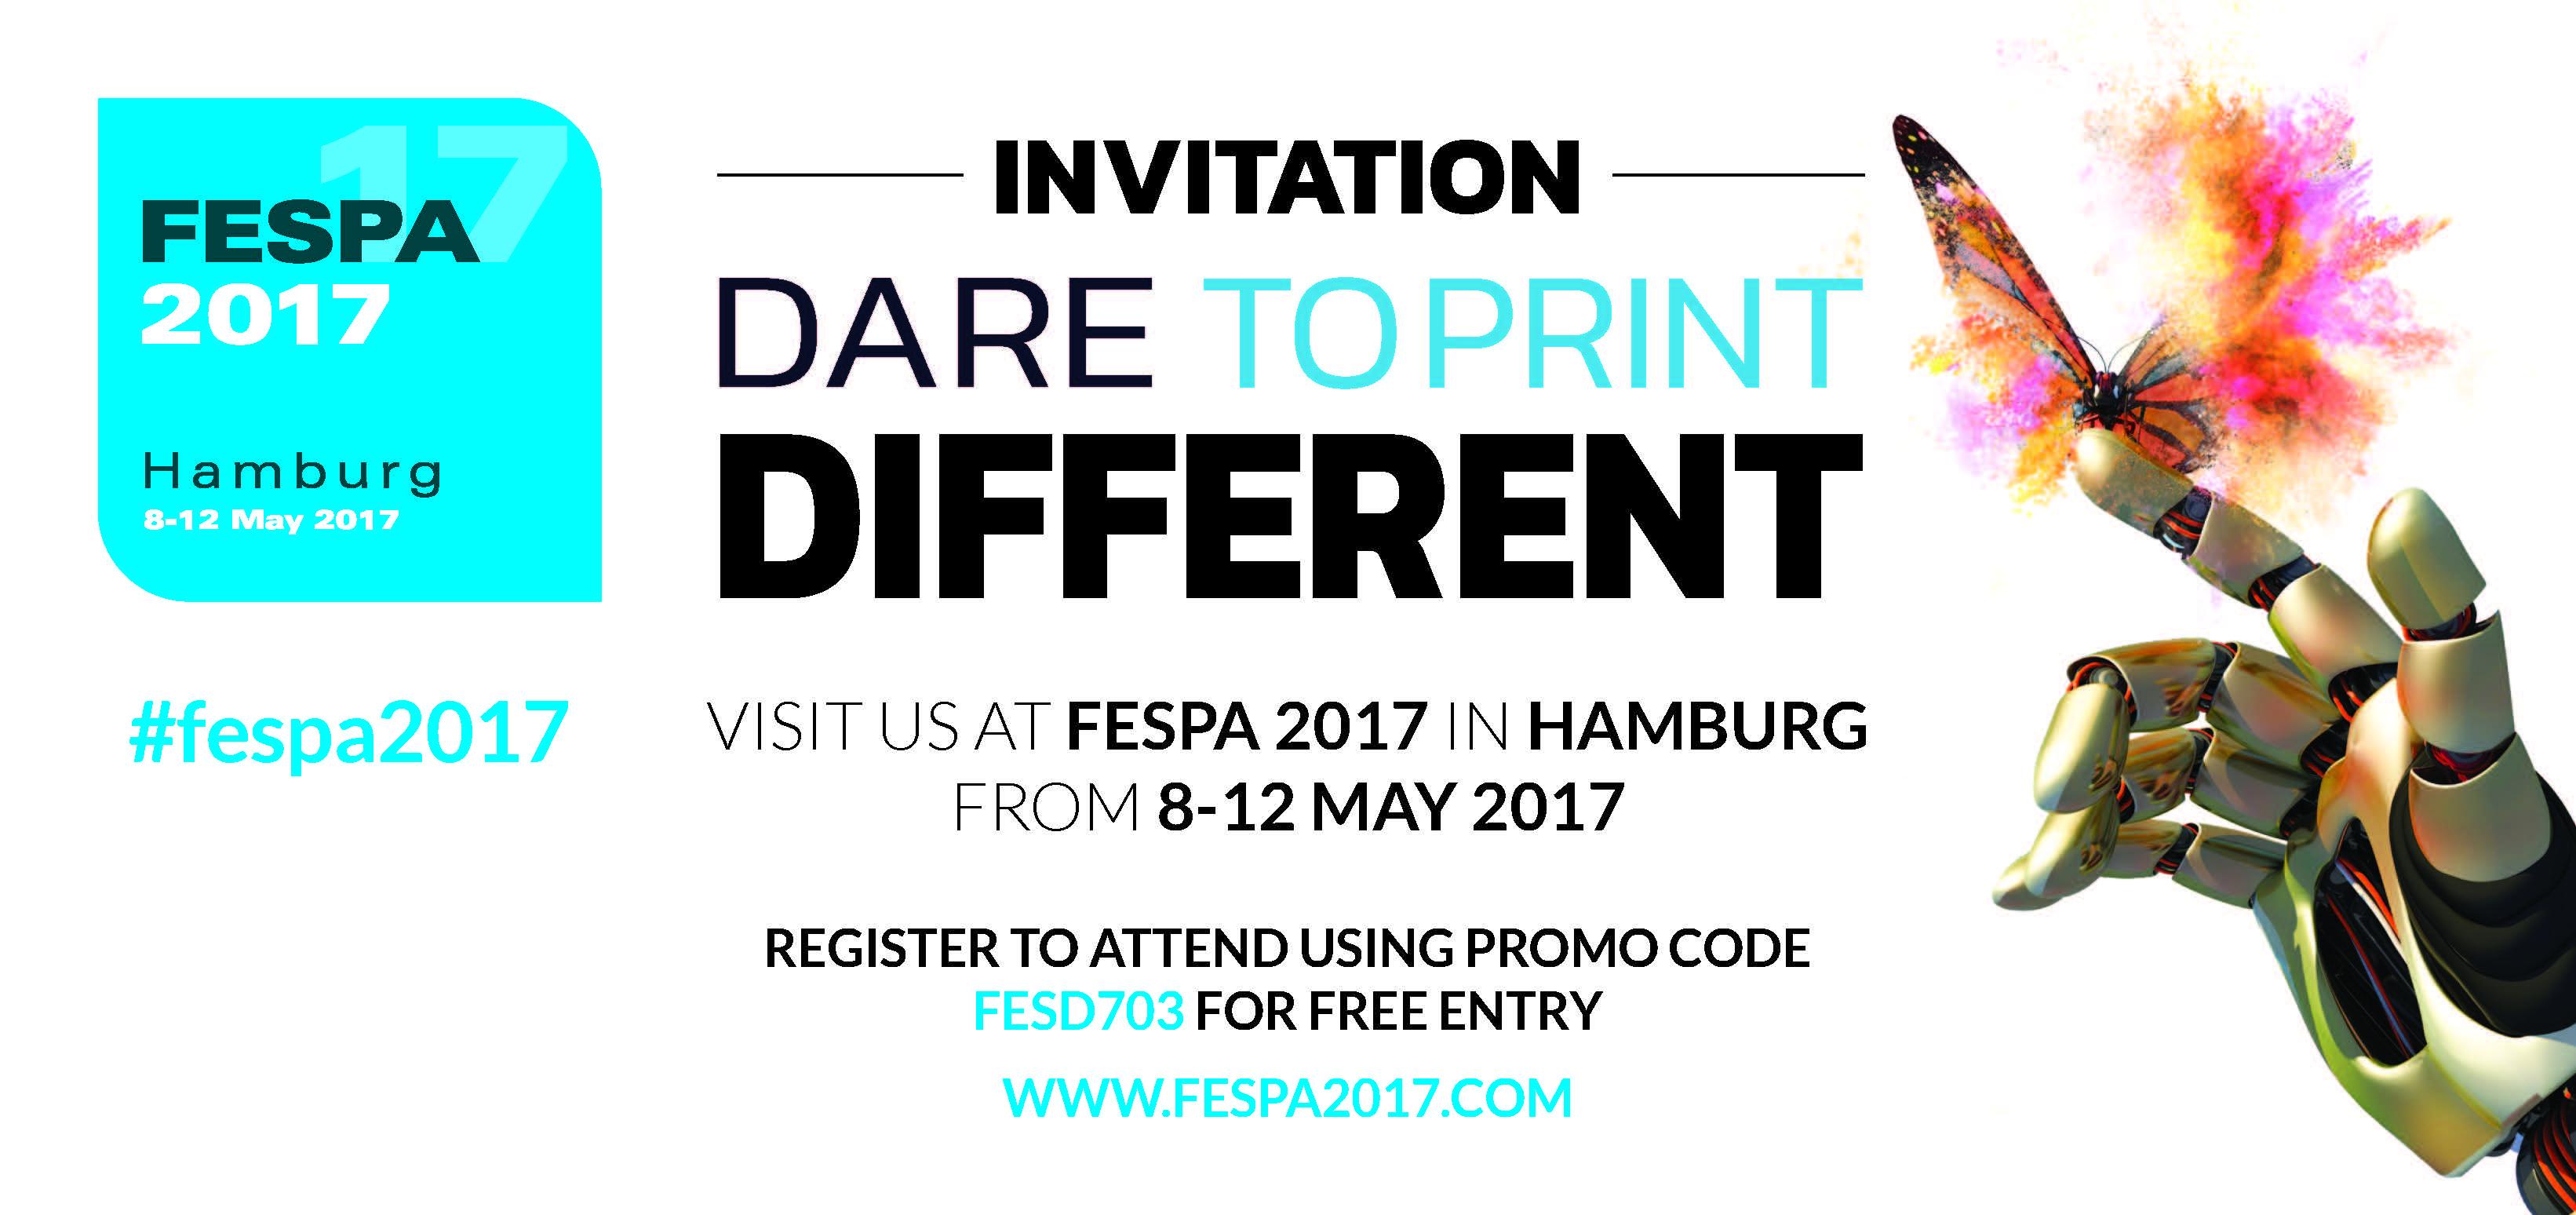 FESPA-2017-Invitation